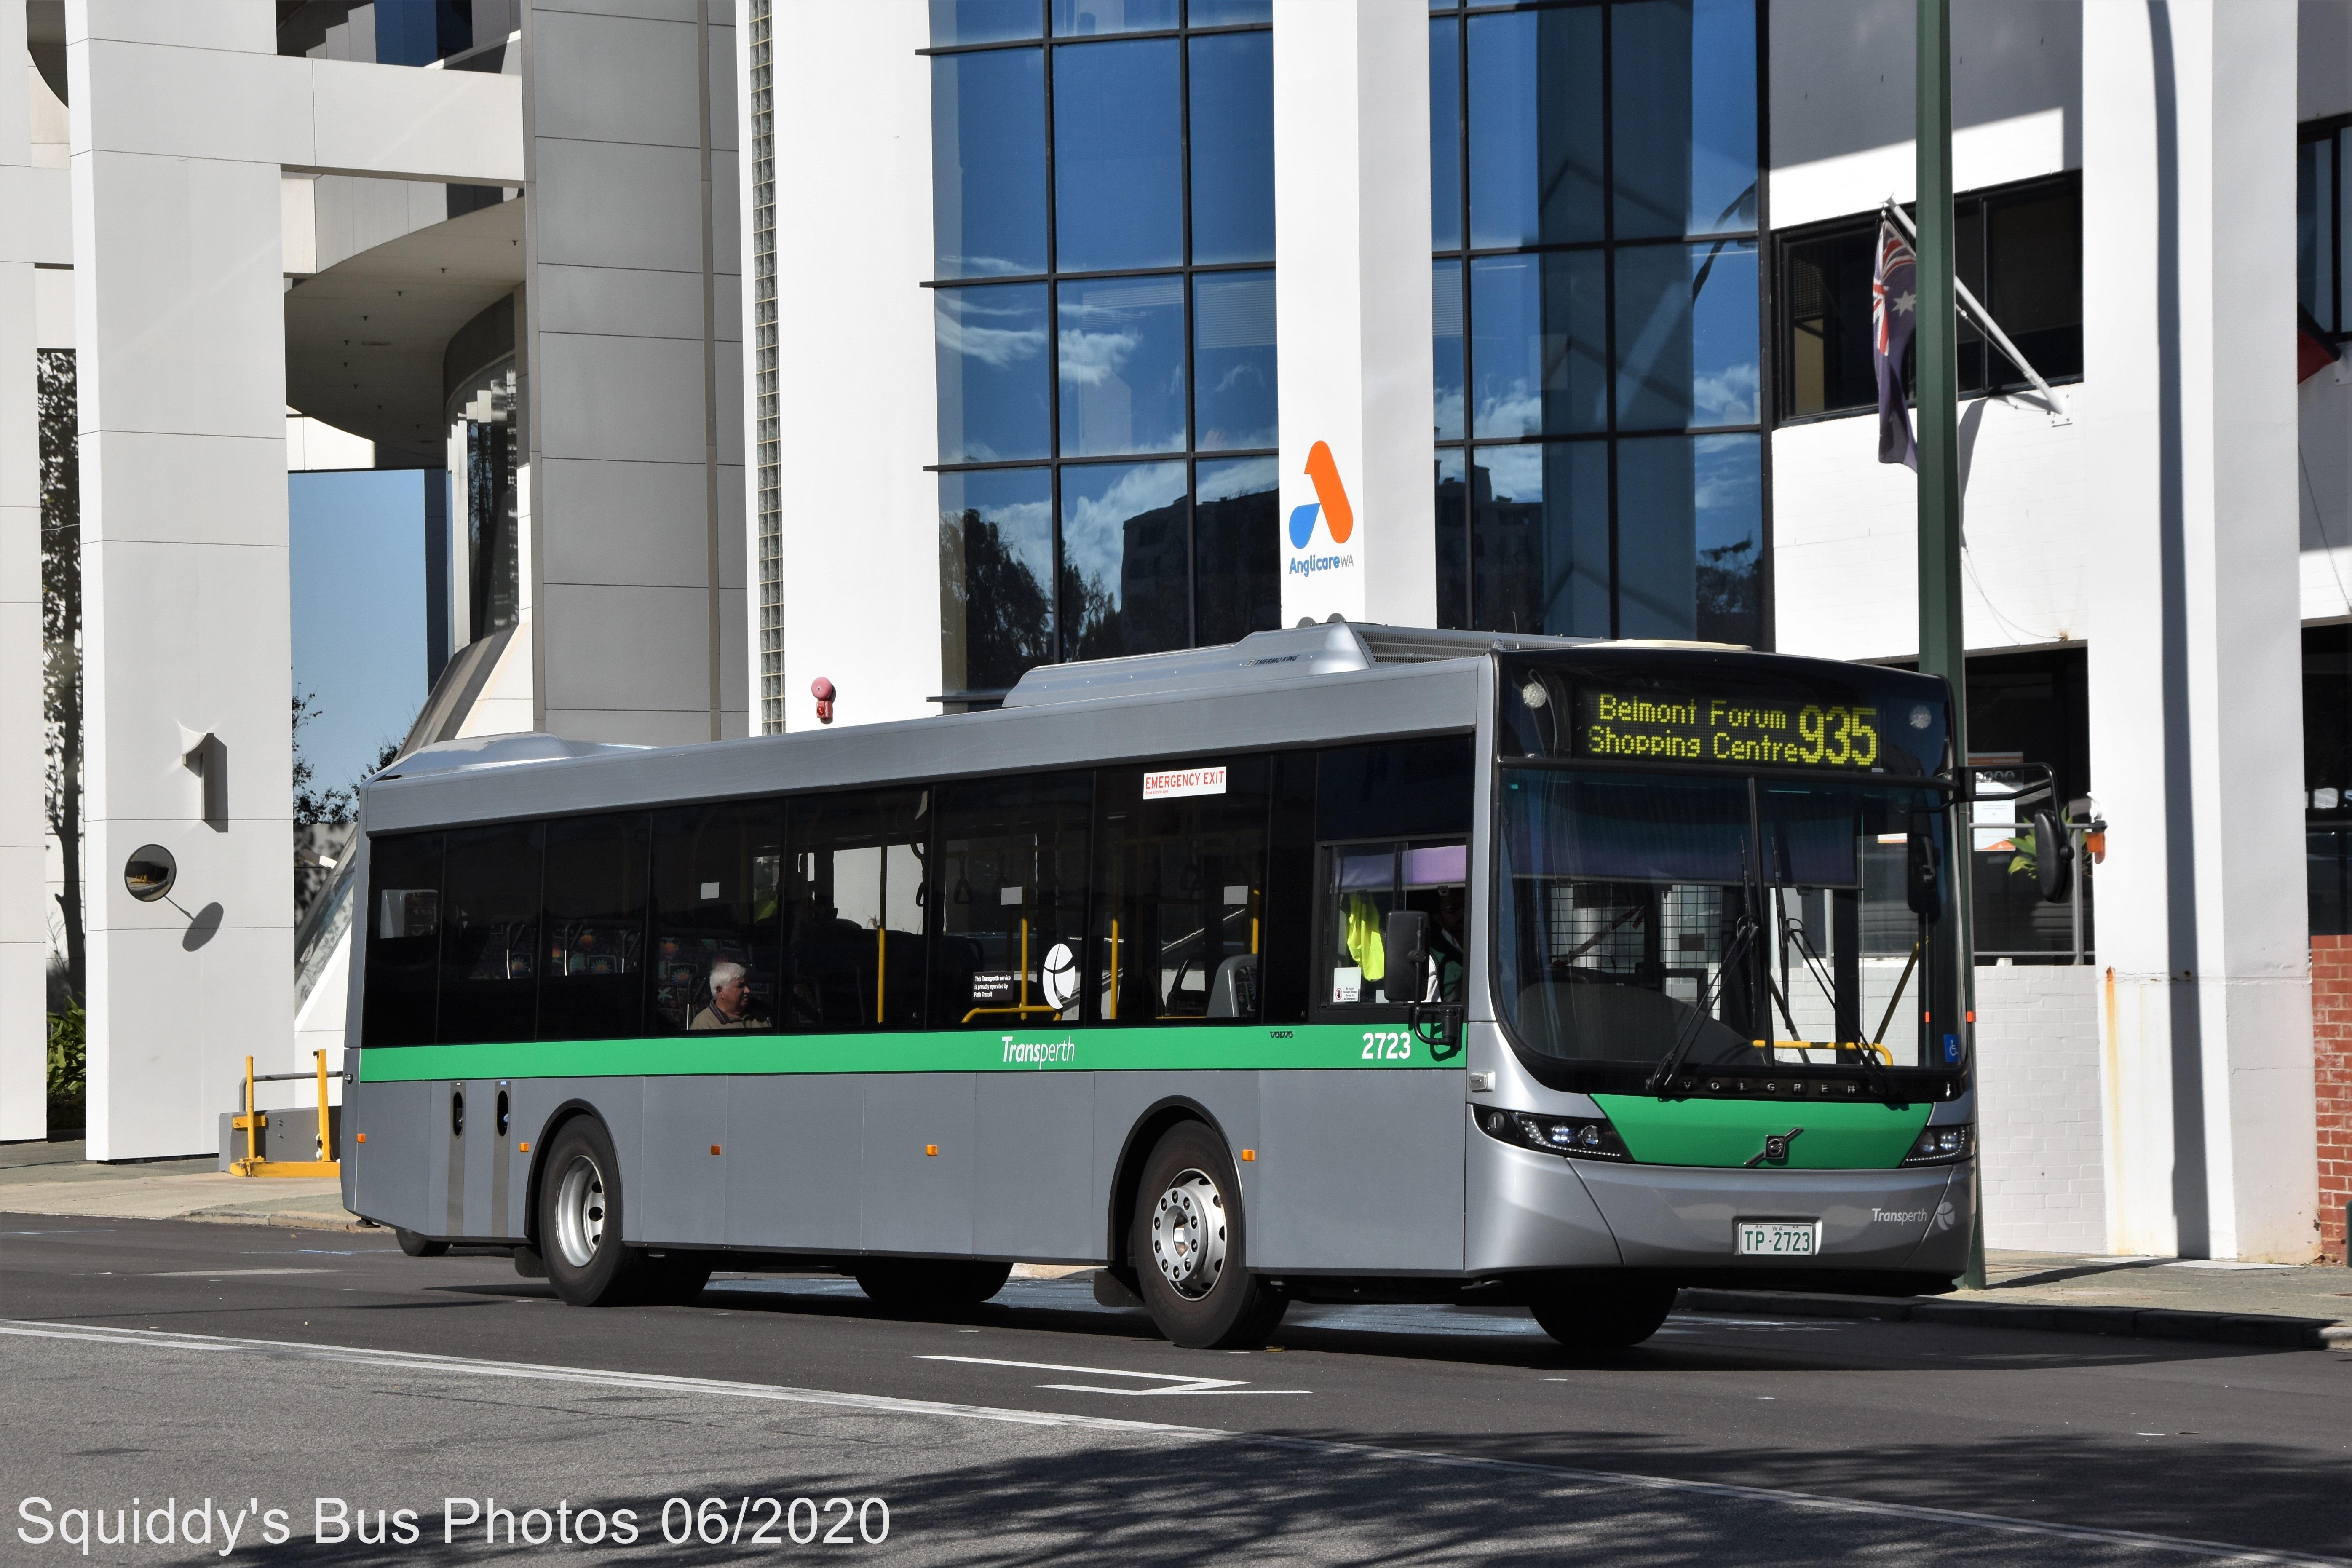 2723 2020.06.05 AdelaideTce